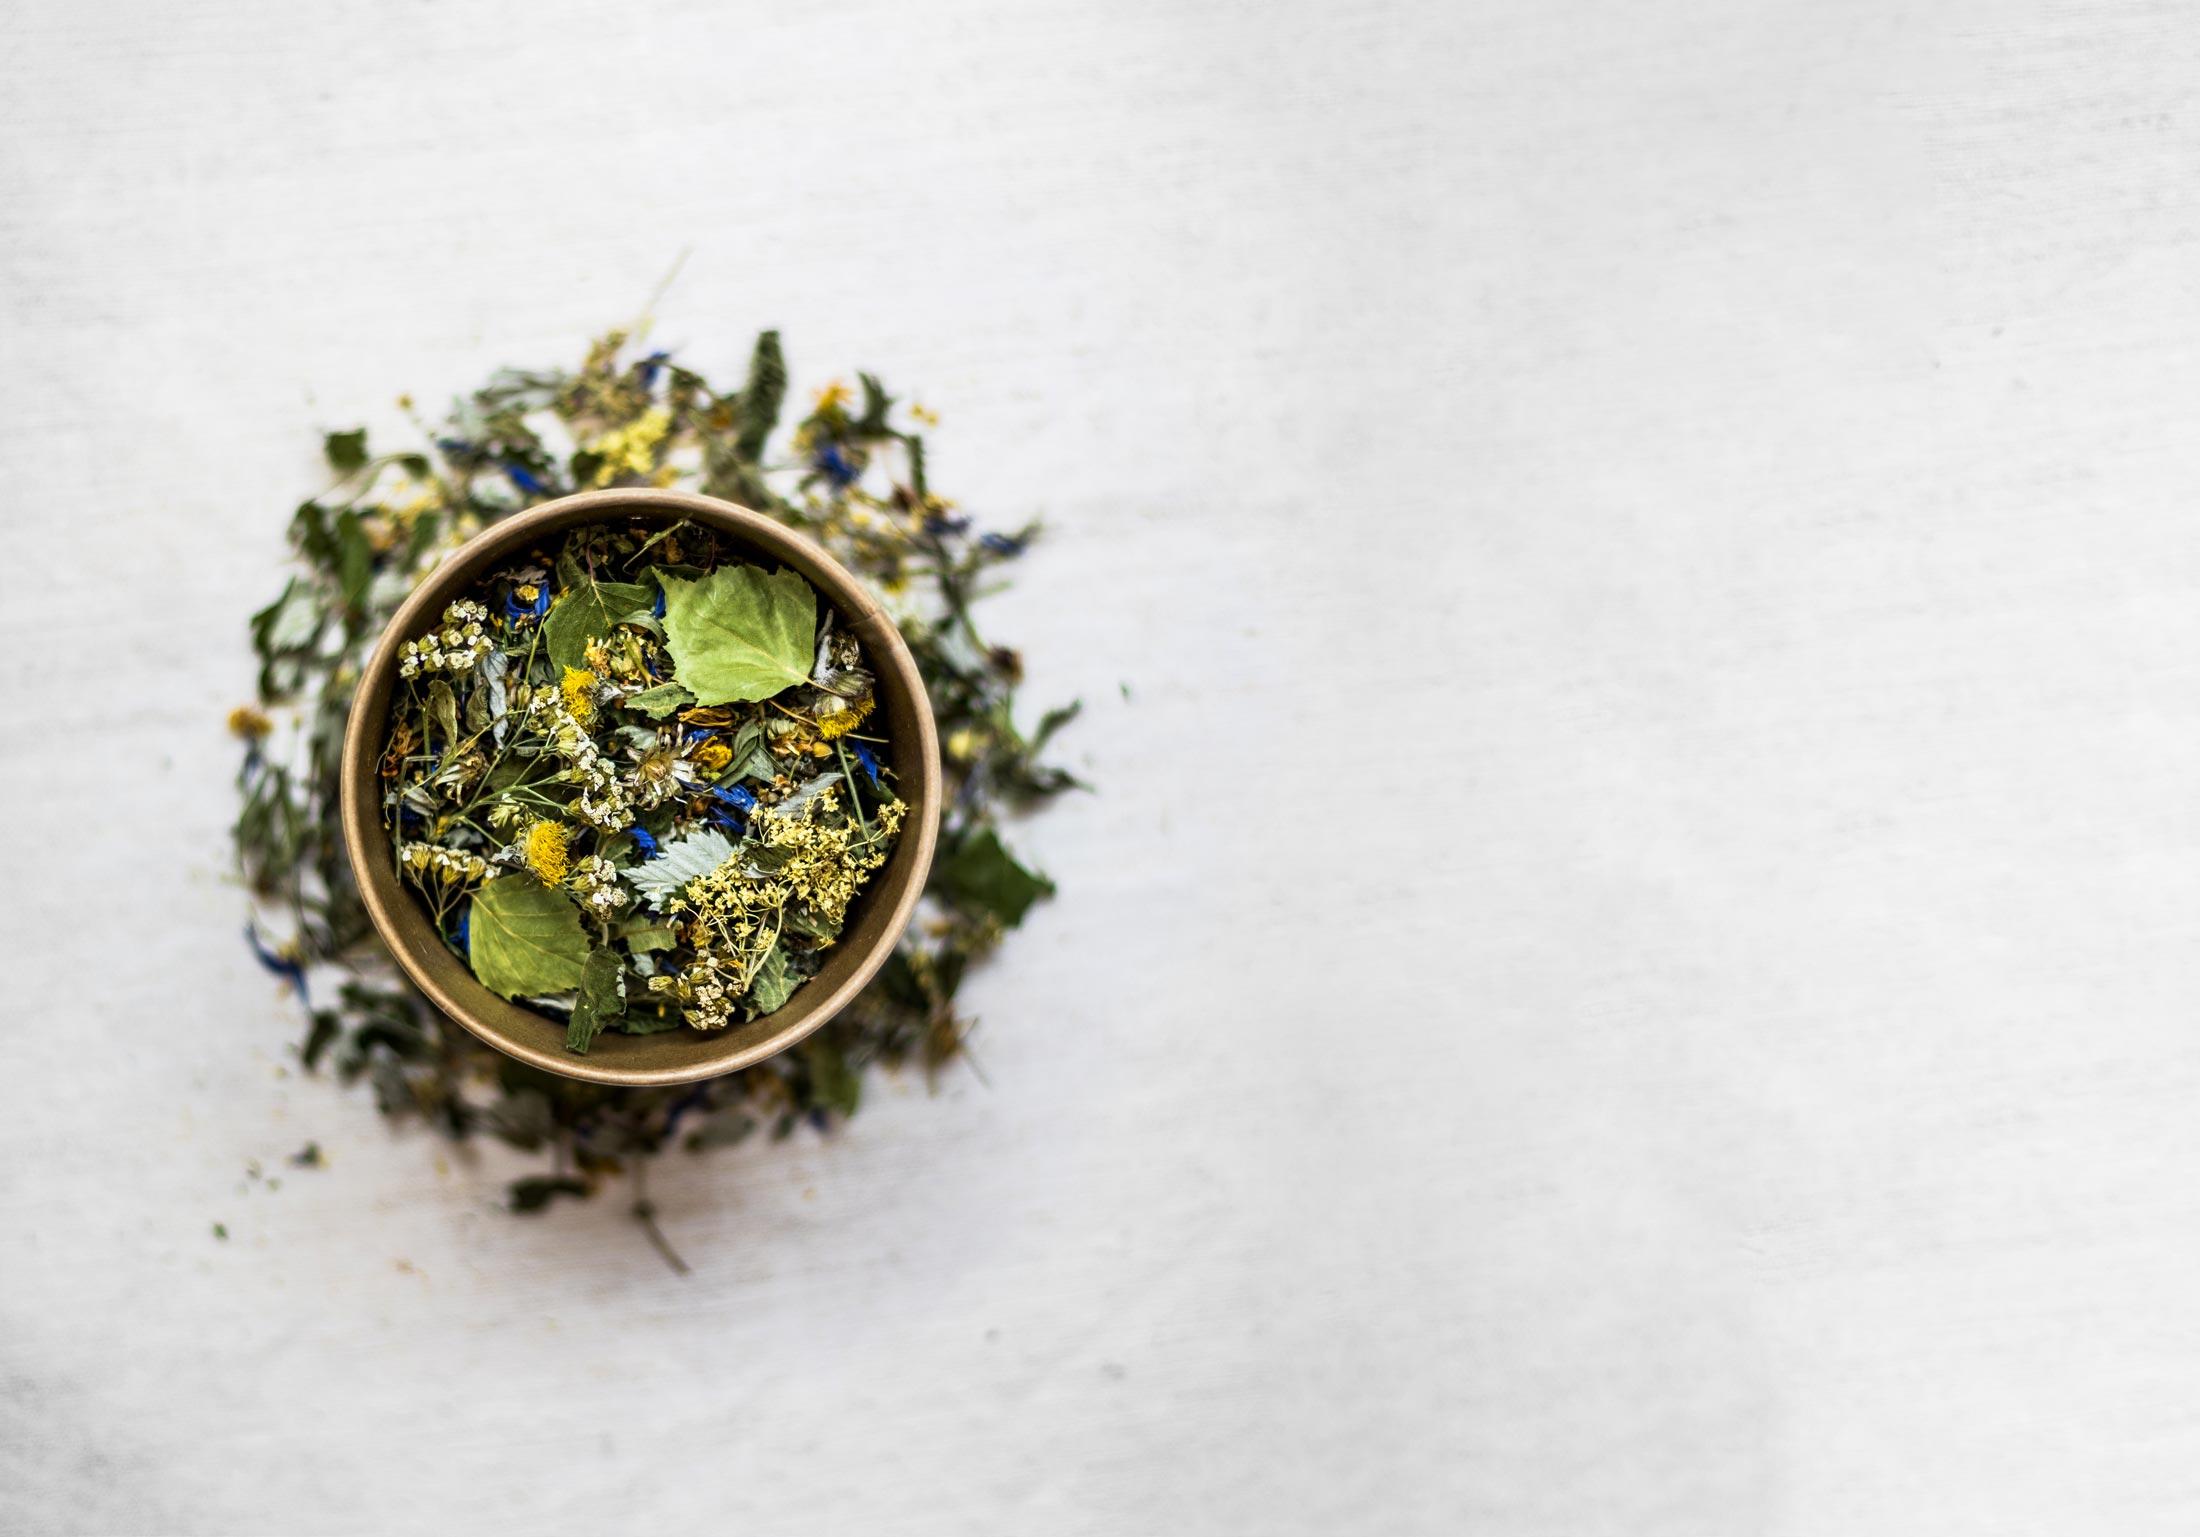 Wildkräute Tee